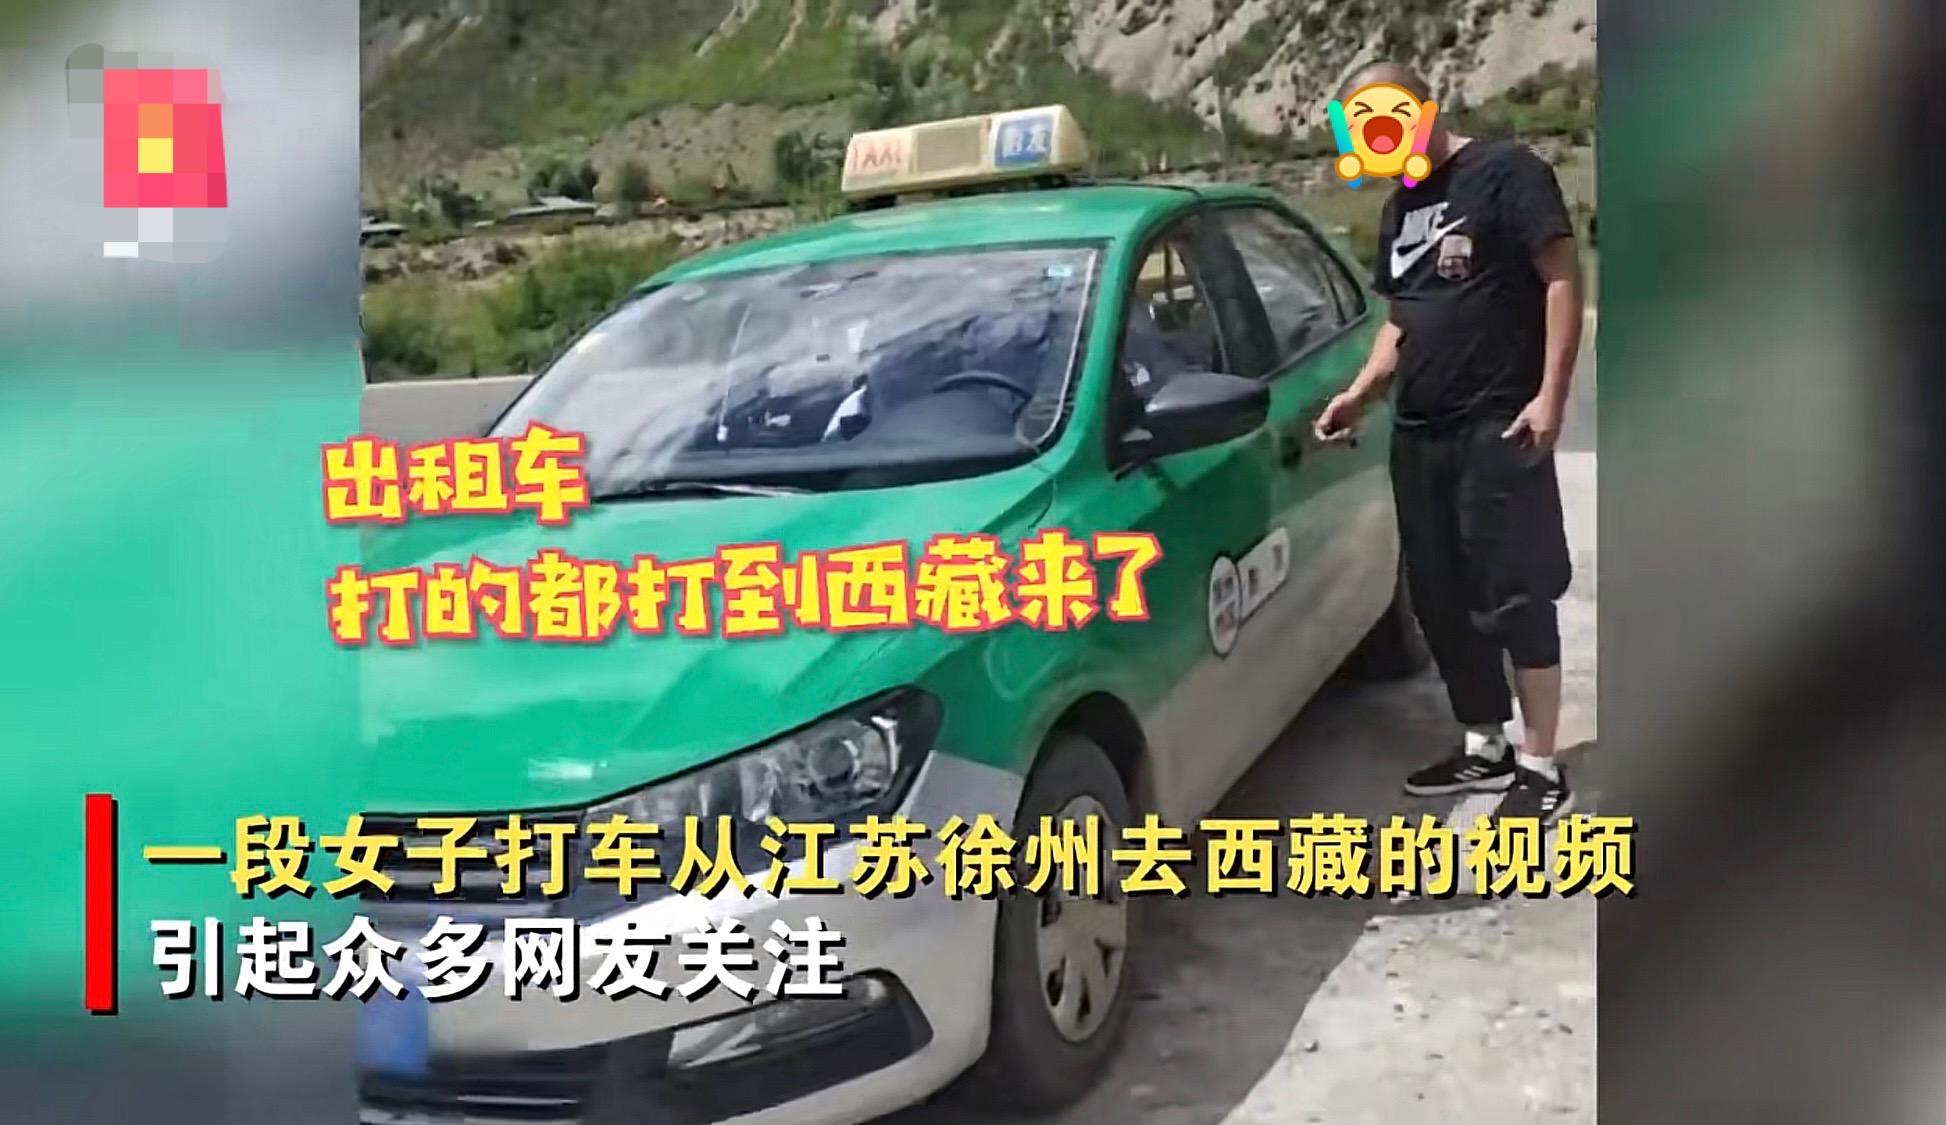 江苏女孩打出租车去西藏,往返车费五位数,网友:一个敢叫车一个敢接单